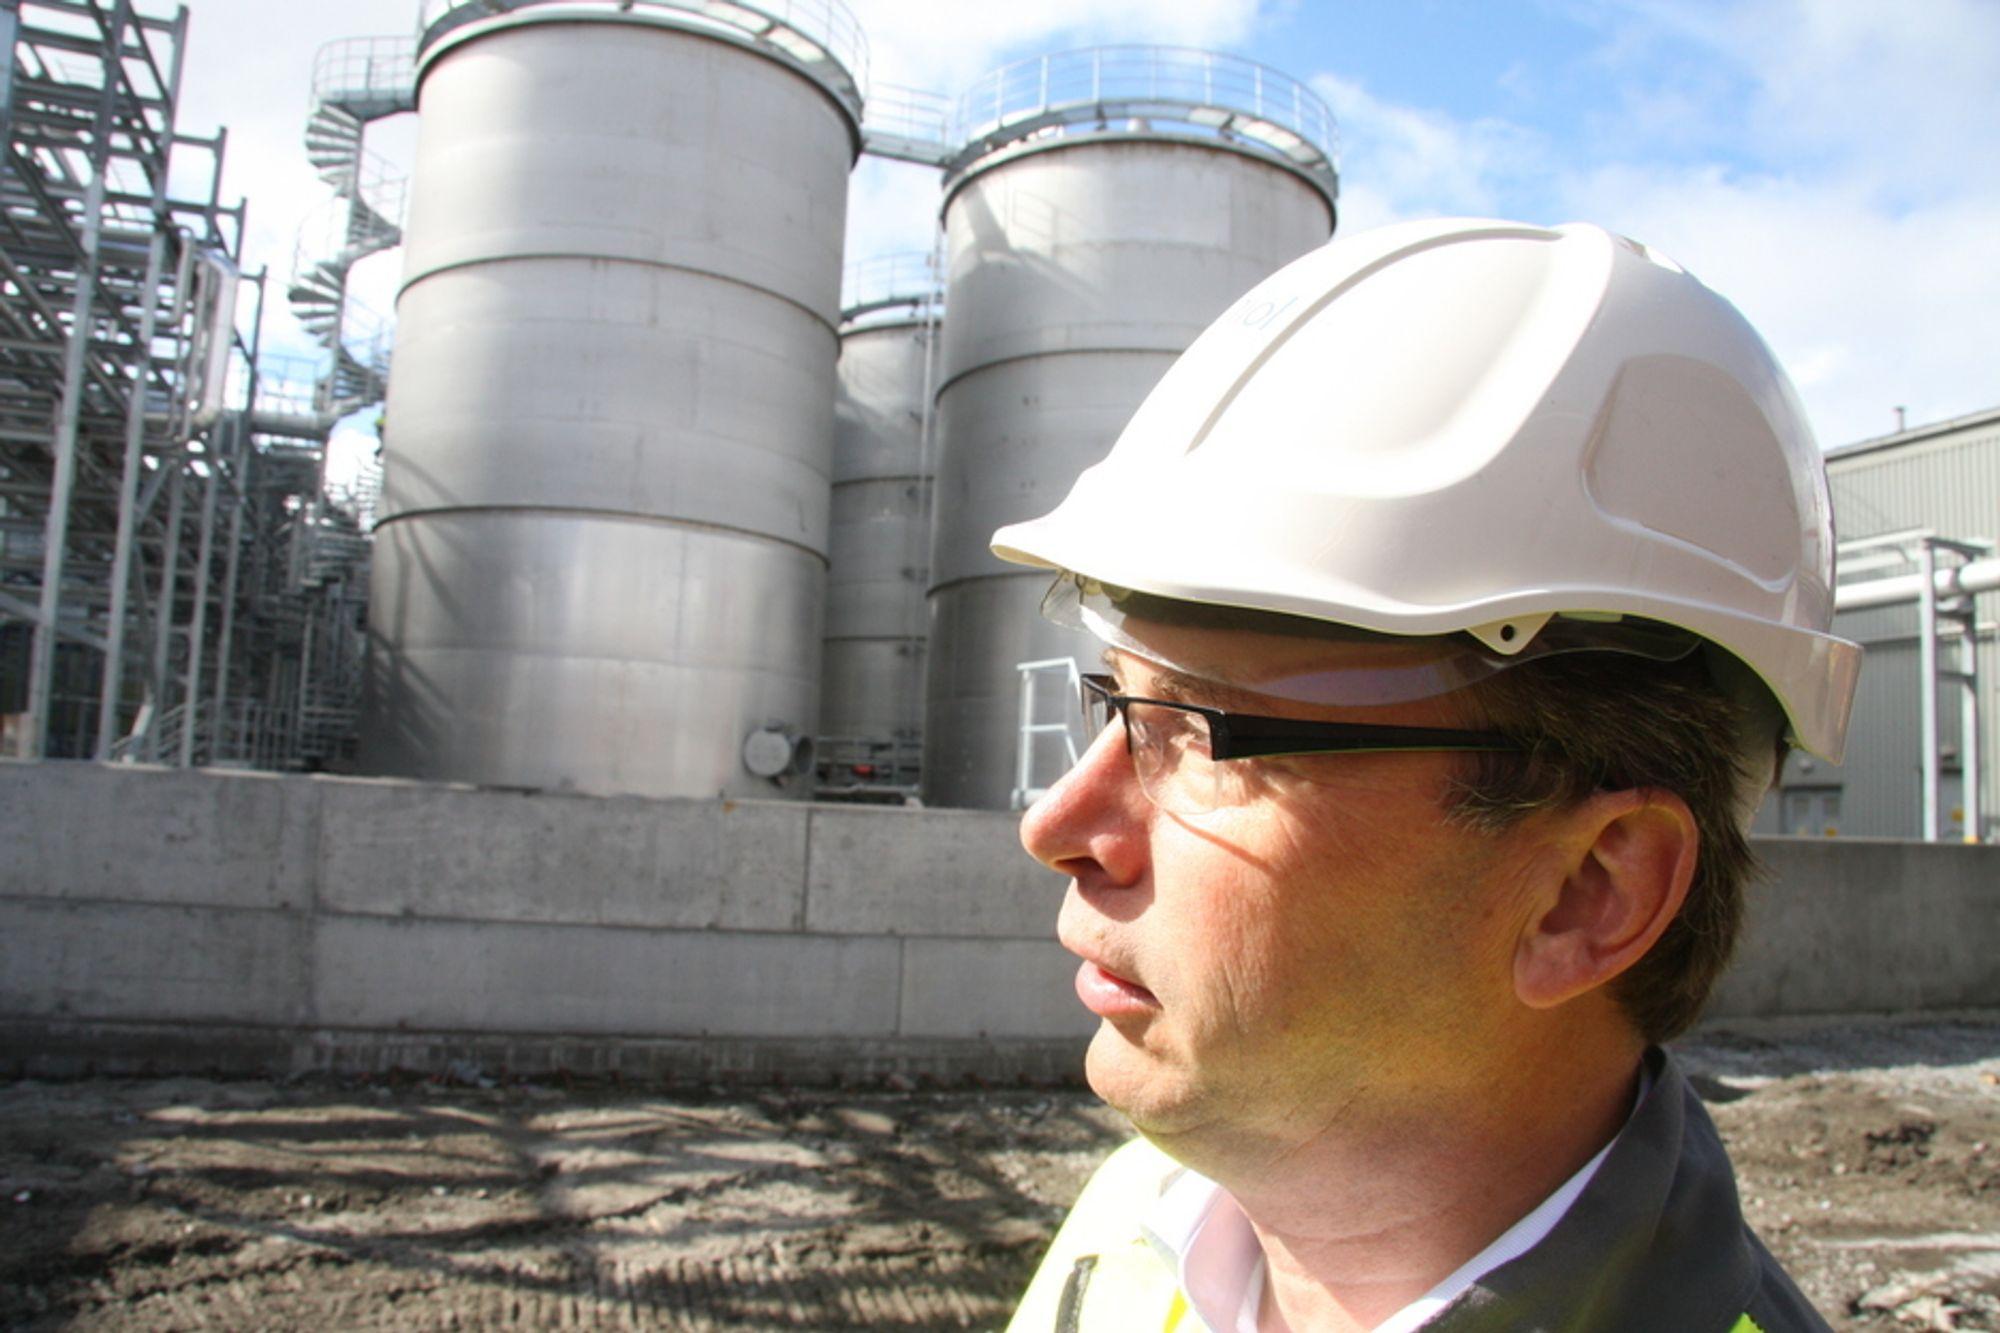 Administrerende direktør Jon Duus i Uniol har snart Norges største anlegg for biodrivstoffproduksjon. Også flere andre aktører er på trappene med fabrikker.